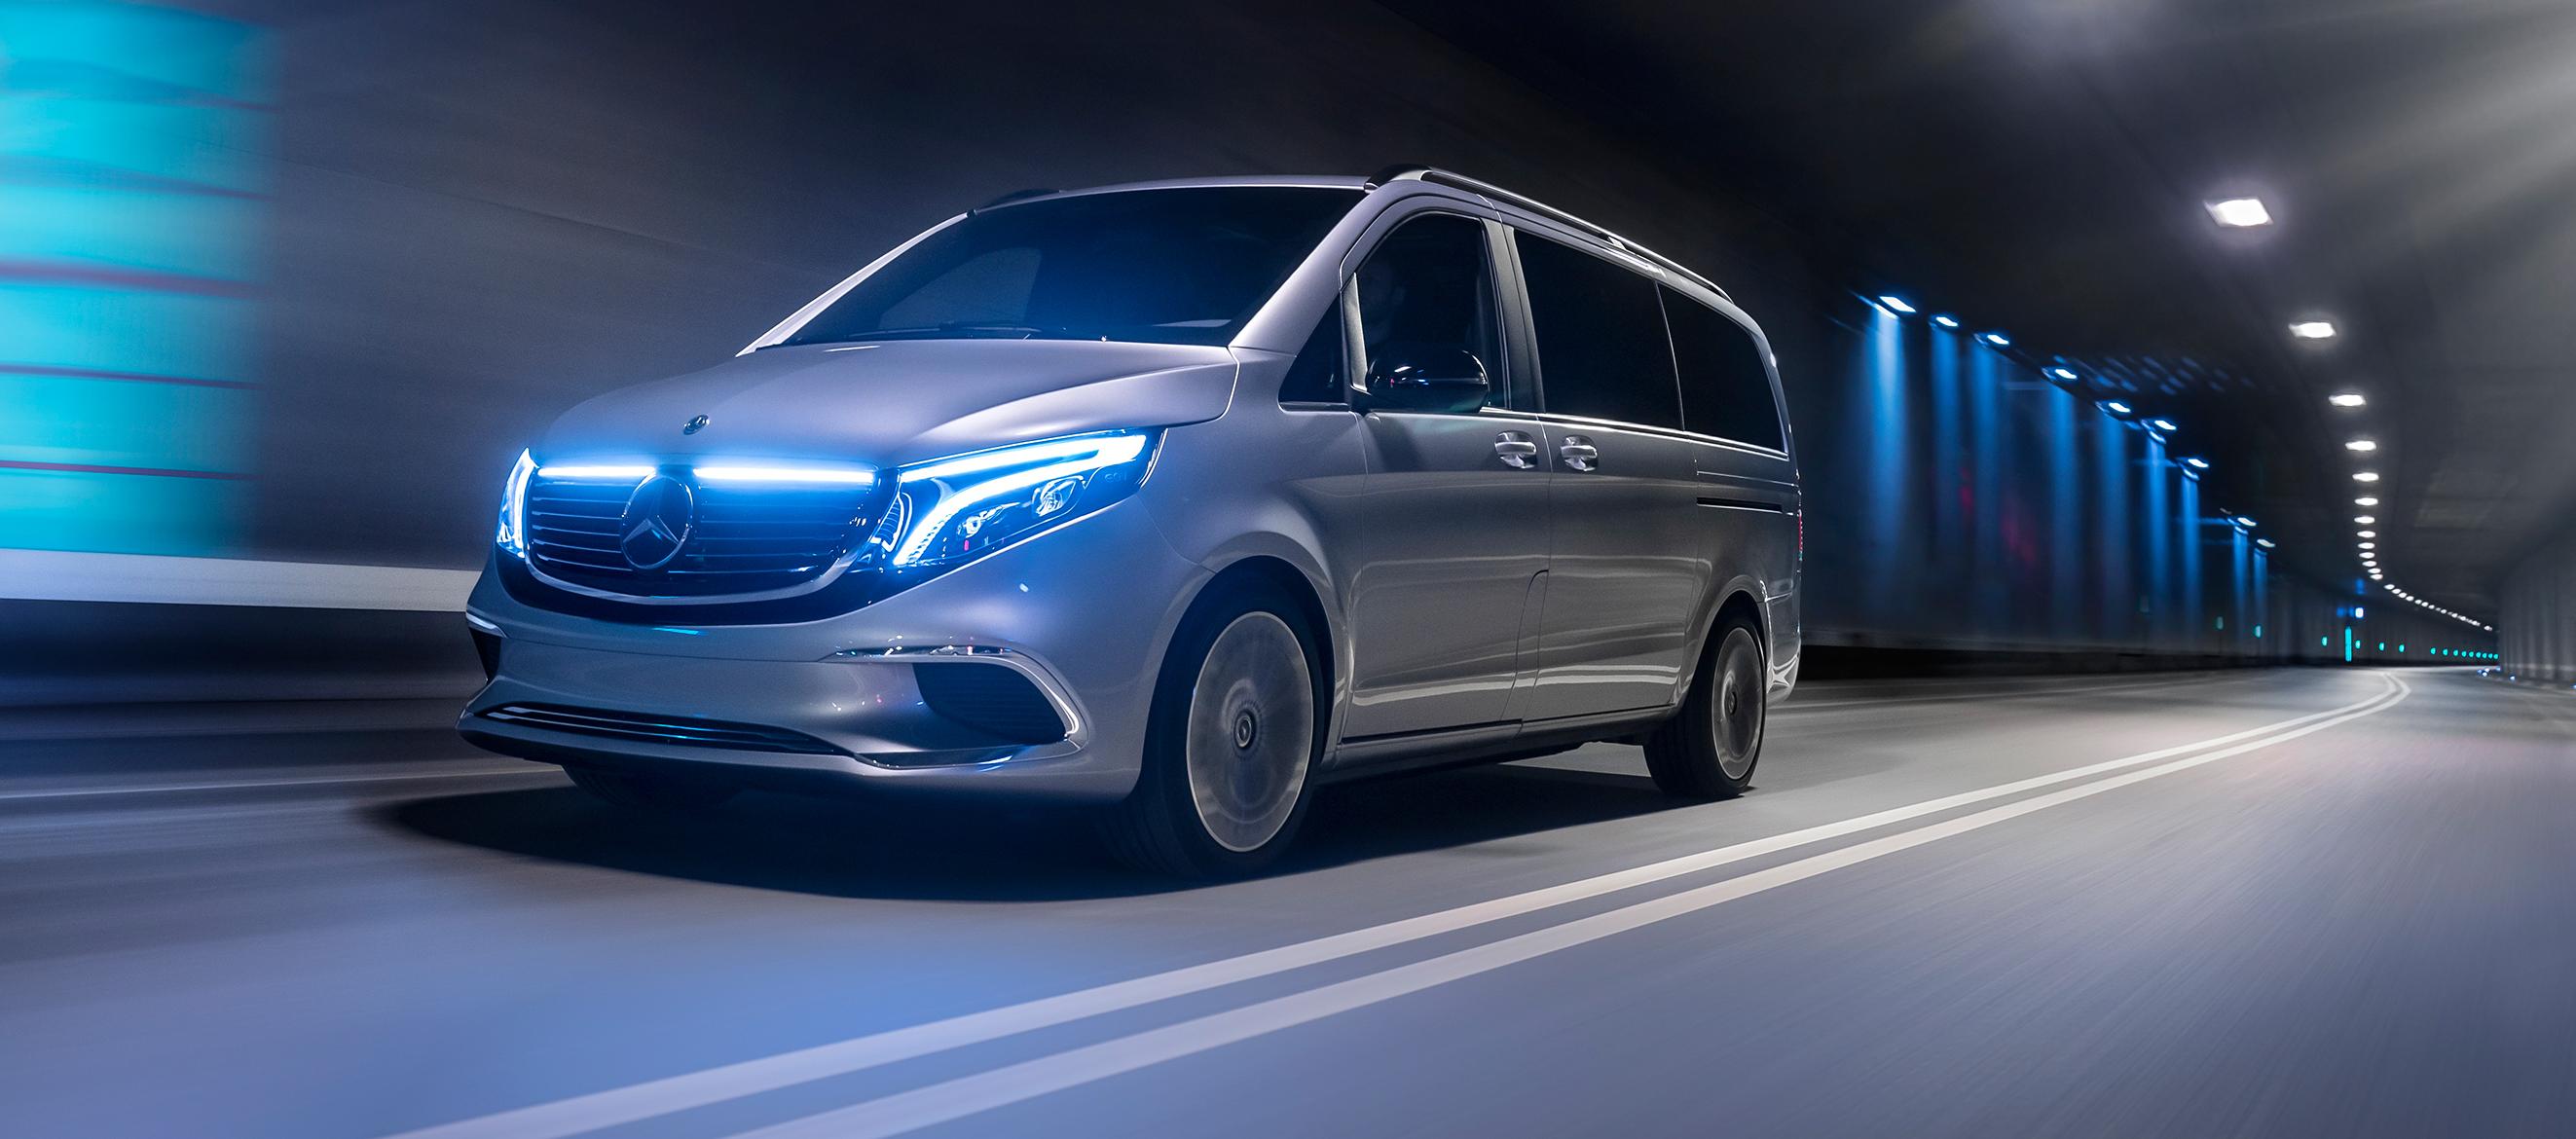 Mercedes-Benz Concept EQV, el futuro eléctrico ya está aquí